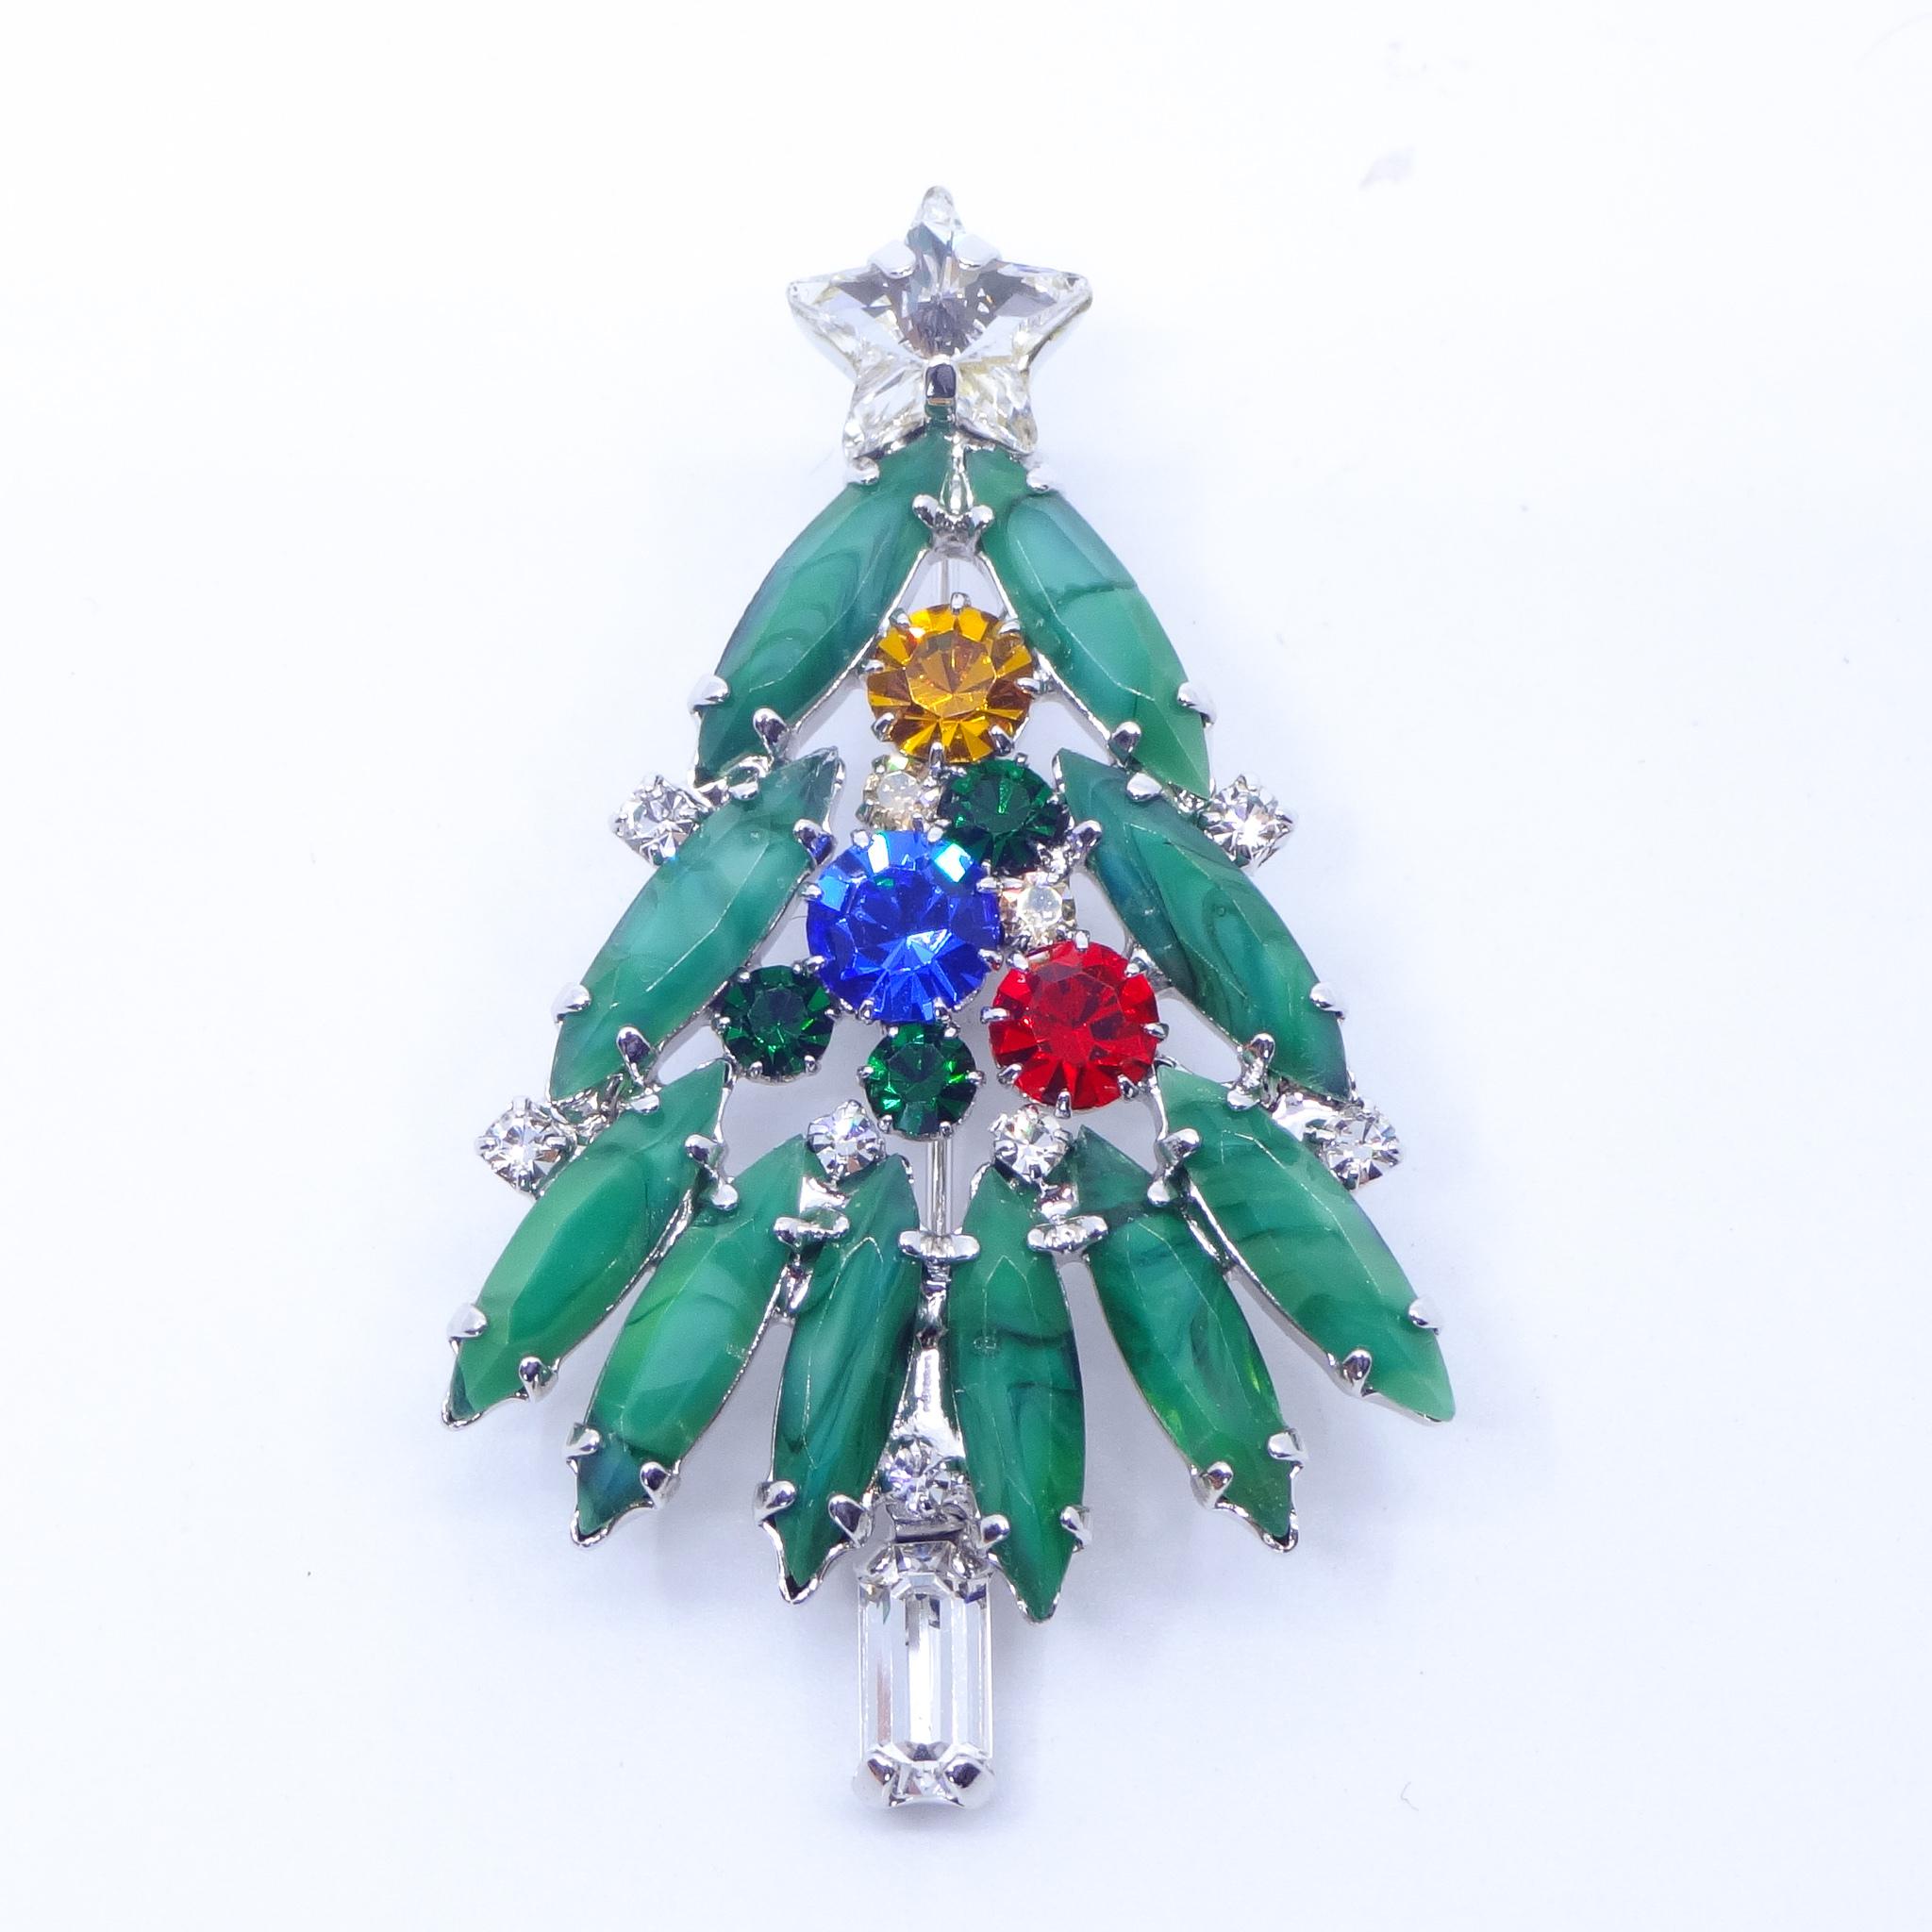 ブローチ ラインストーン クリスマスツリー  グリーン レッド ブルー イエロー 149073